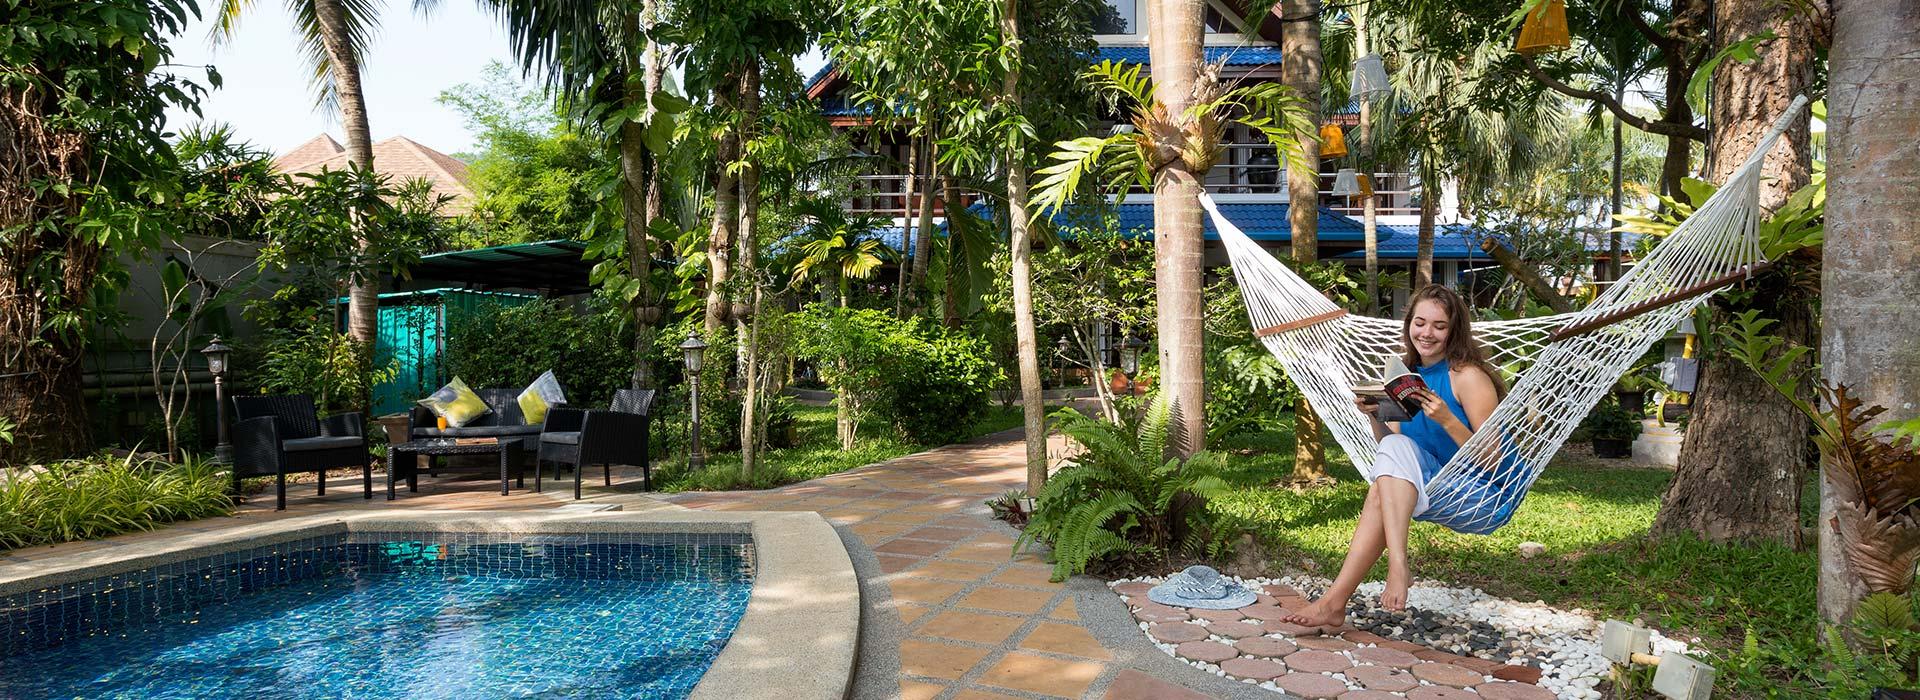 Talay 11 Bed Villa<br>Nai Harn, Phuket